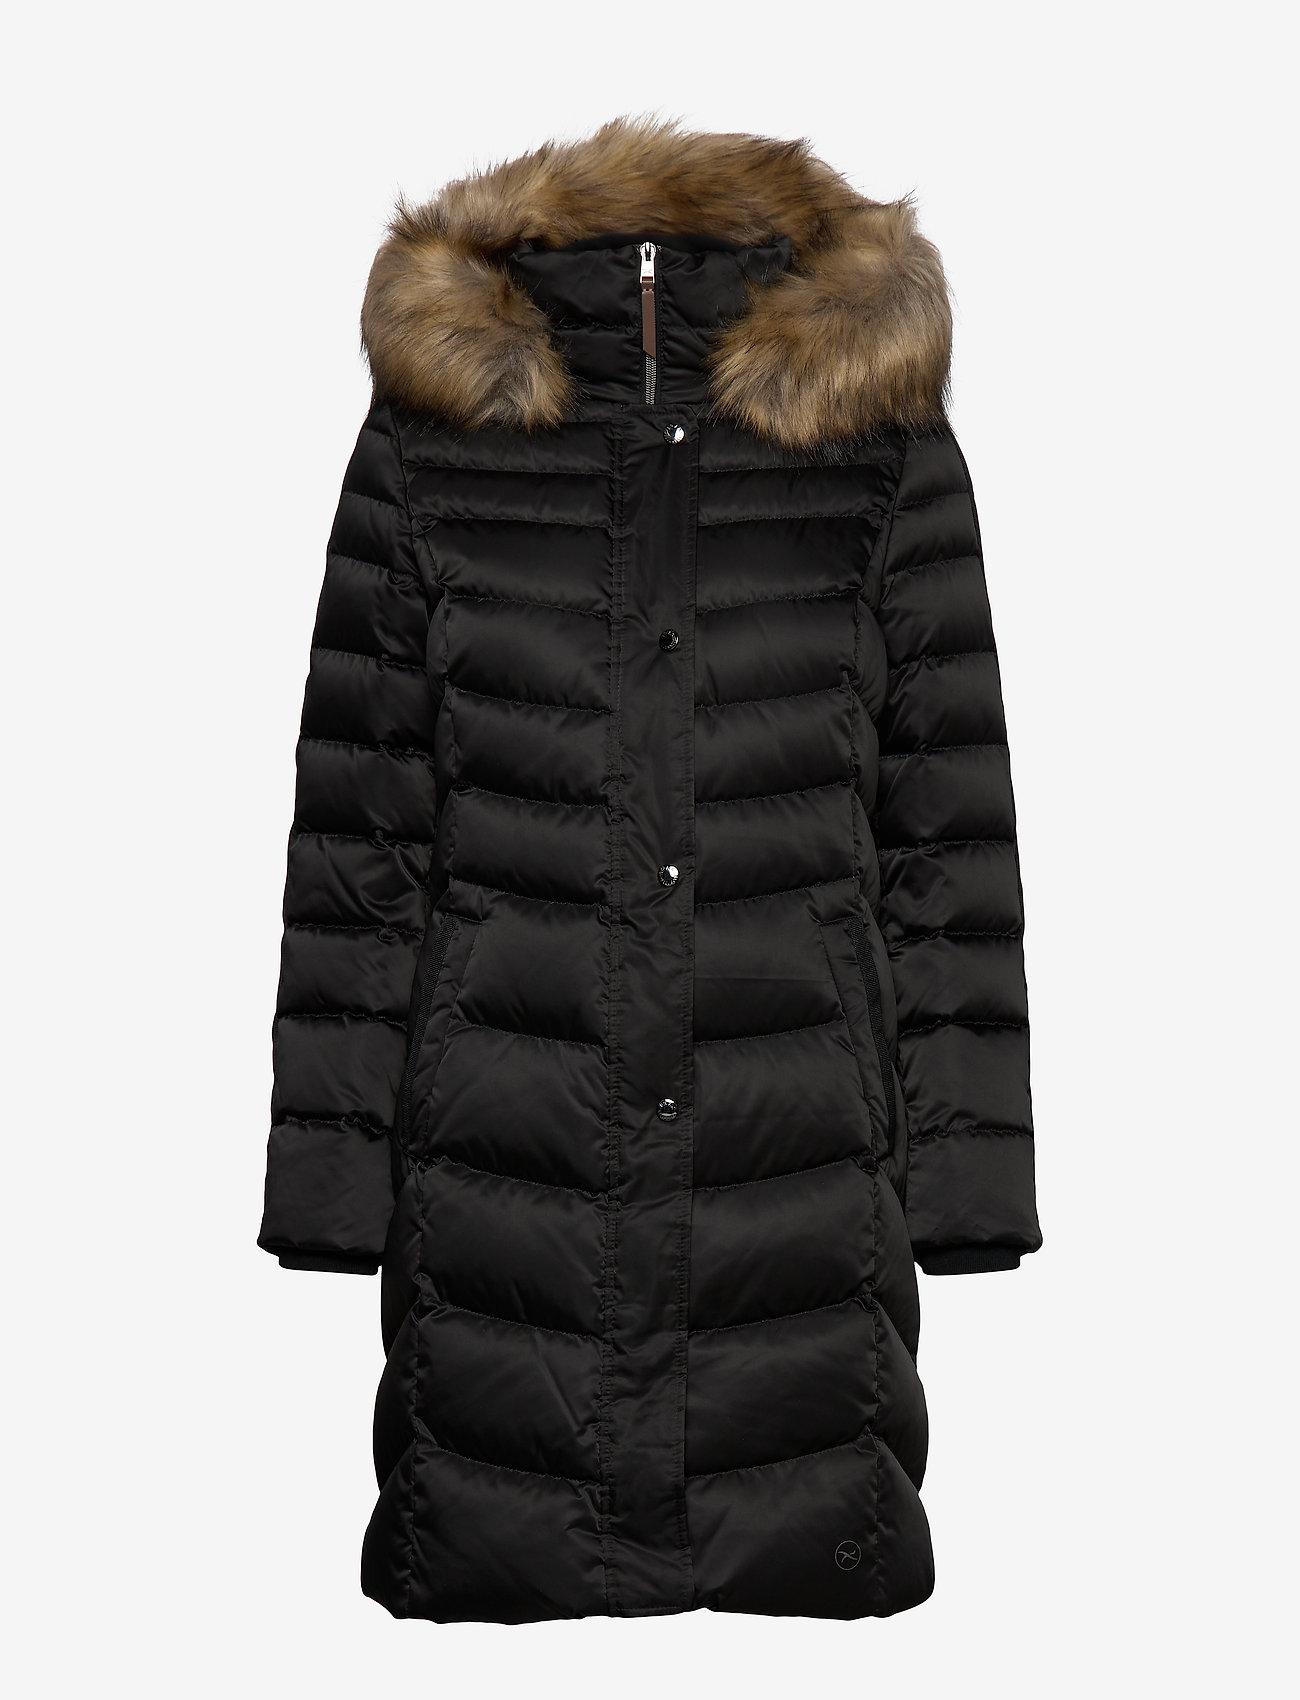 Brax Montreal - Jackets & Coats